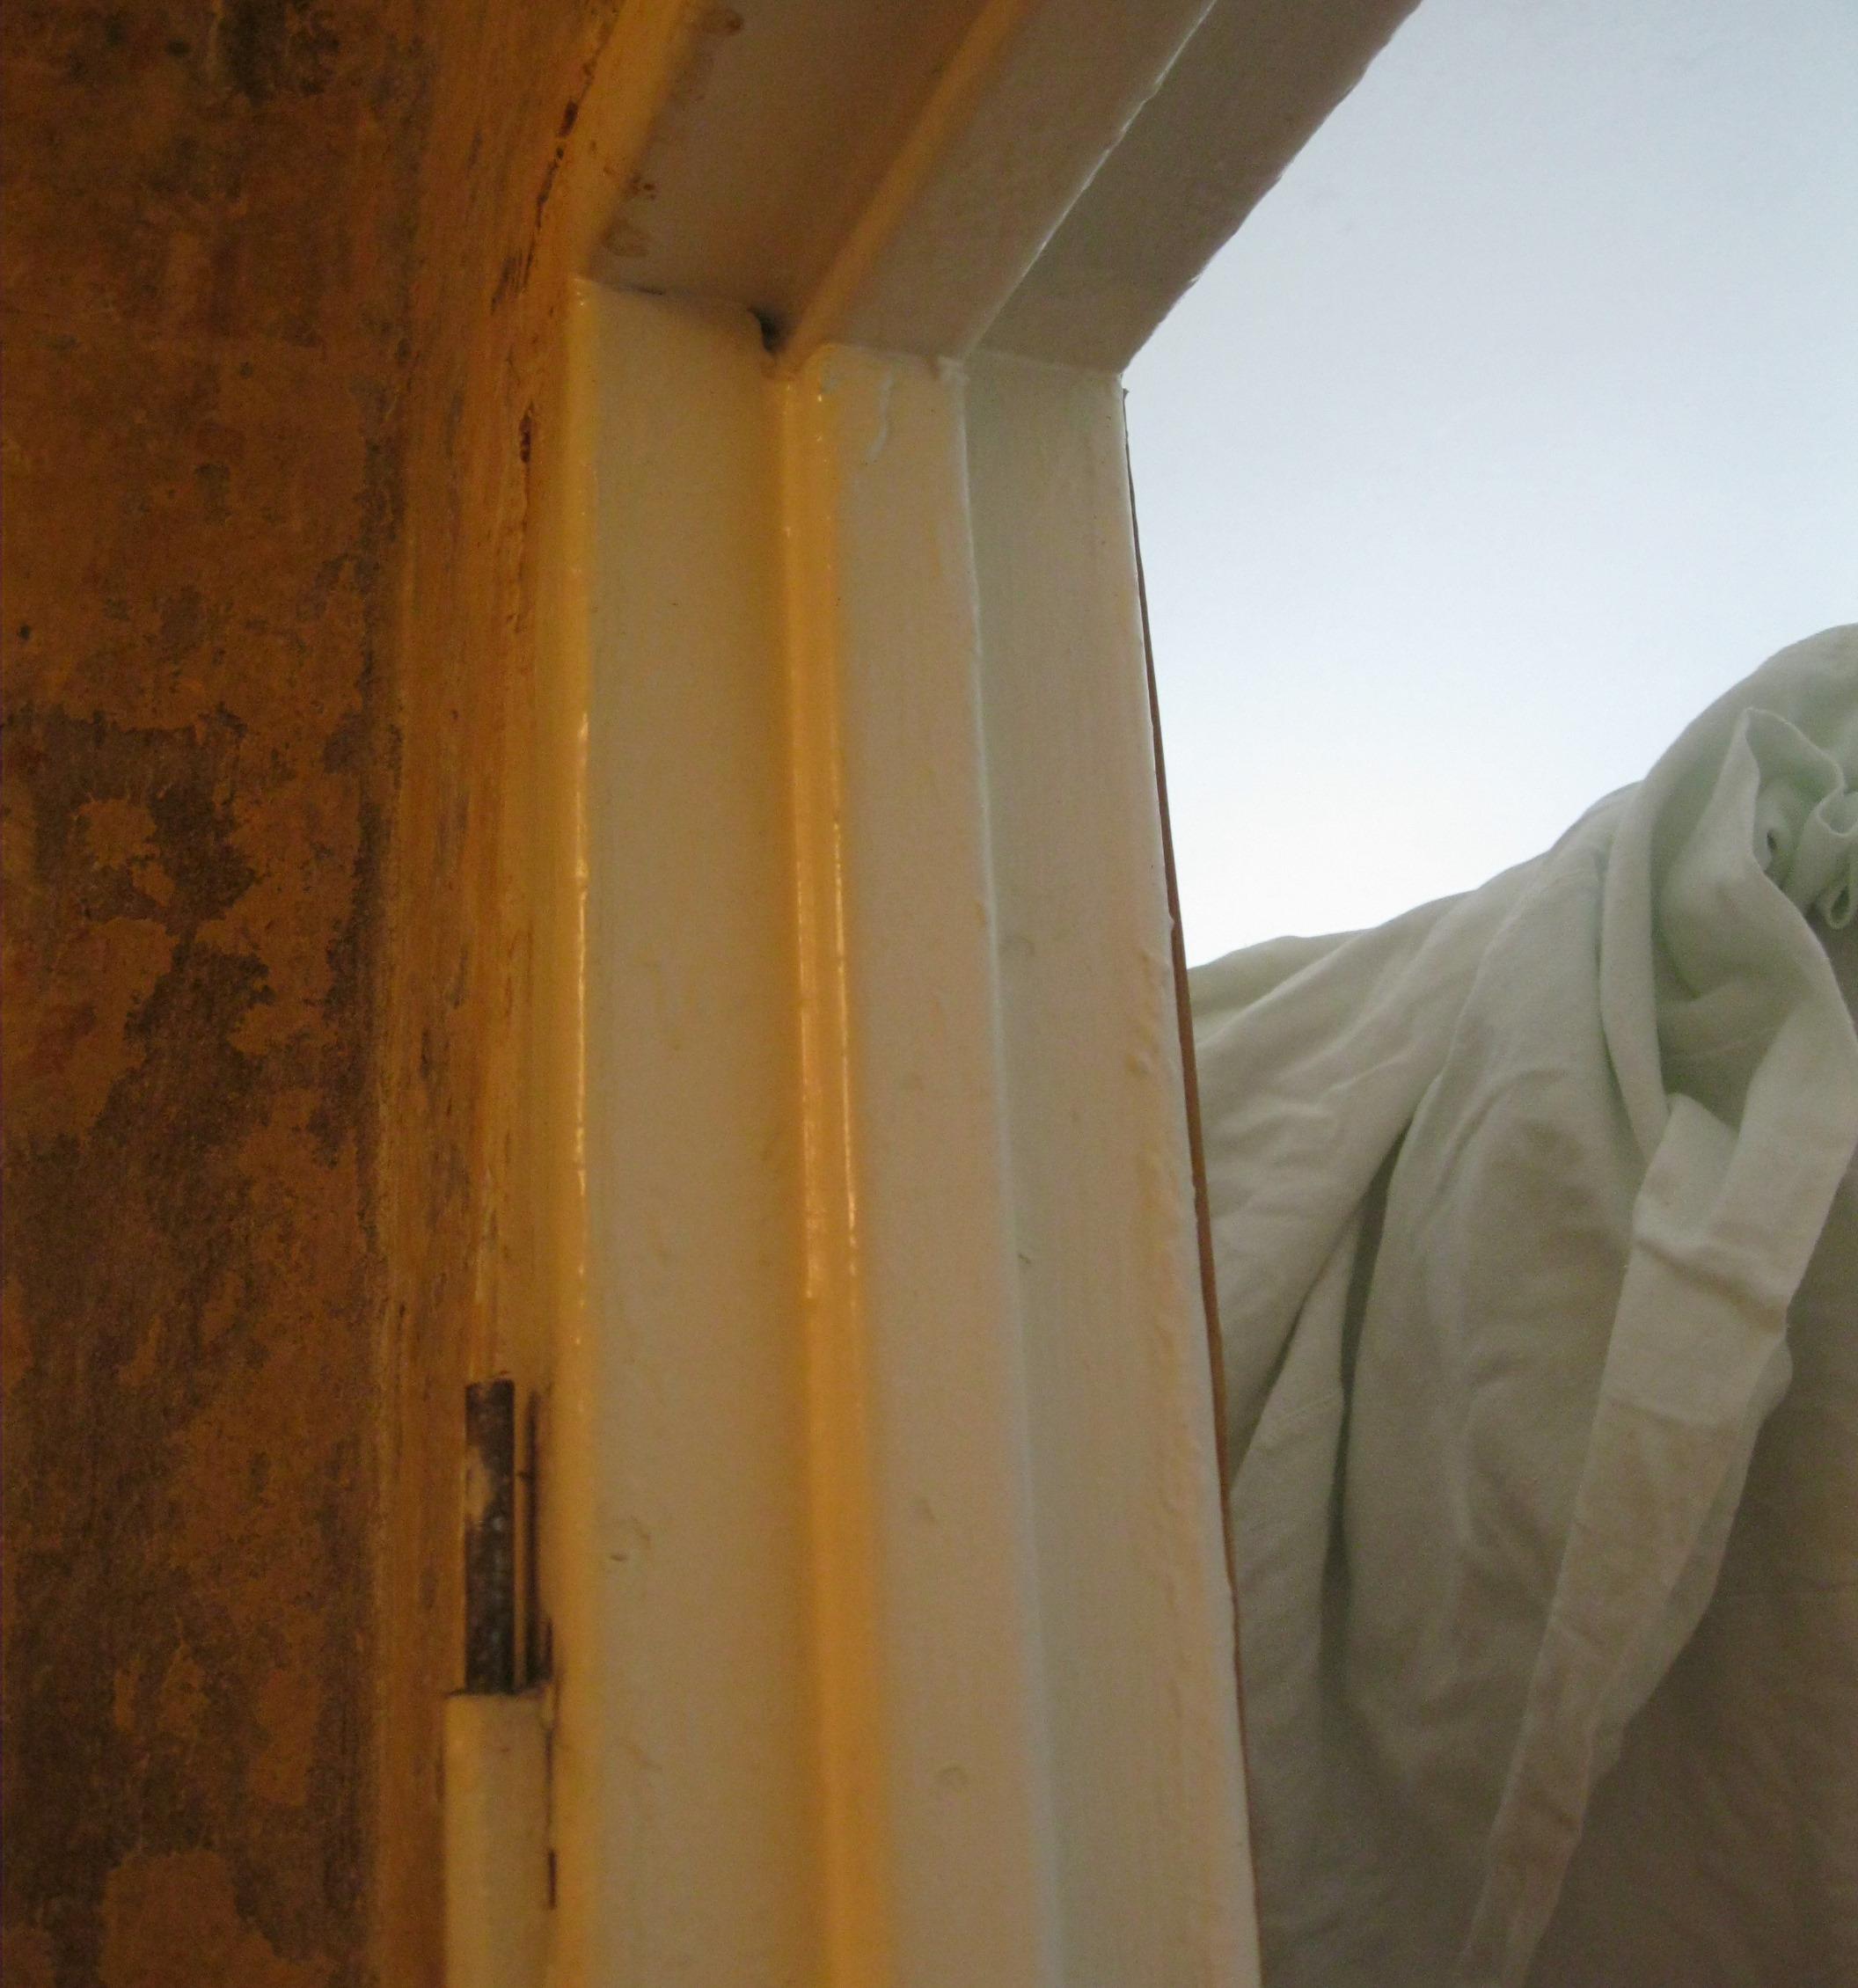 Установка дверей во Владимире. Удаление старой металлической дверной коробки.